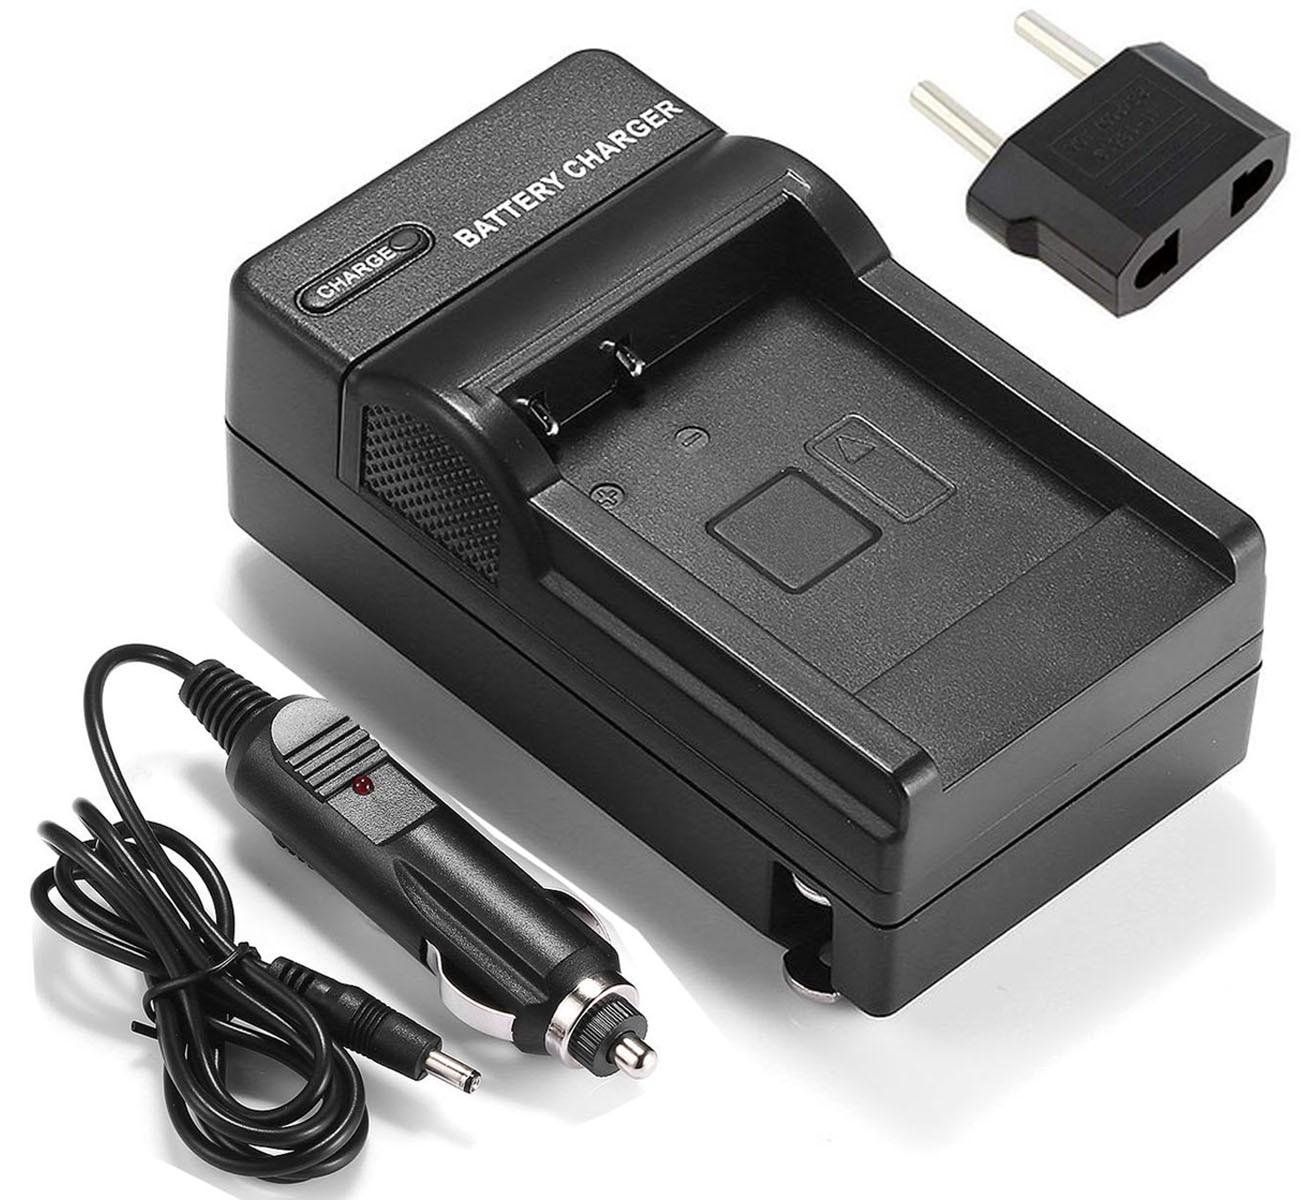 Cargador de batería para Nikon EN-EL10 y Nikon CoolPix S200, S500, S510,...